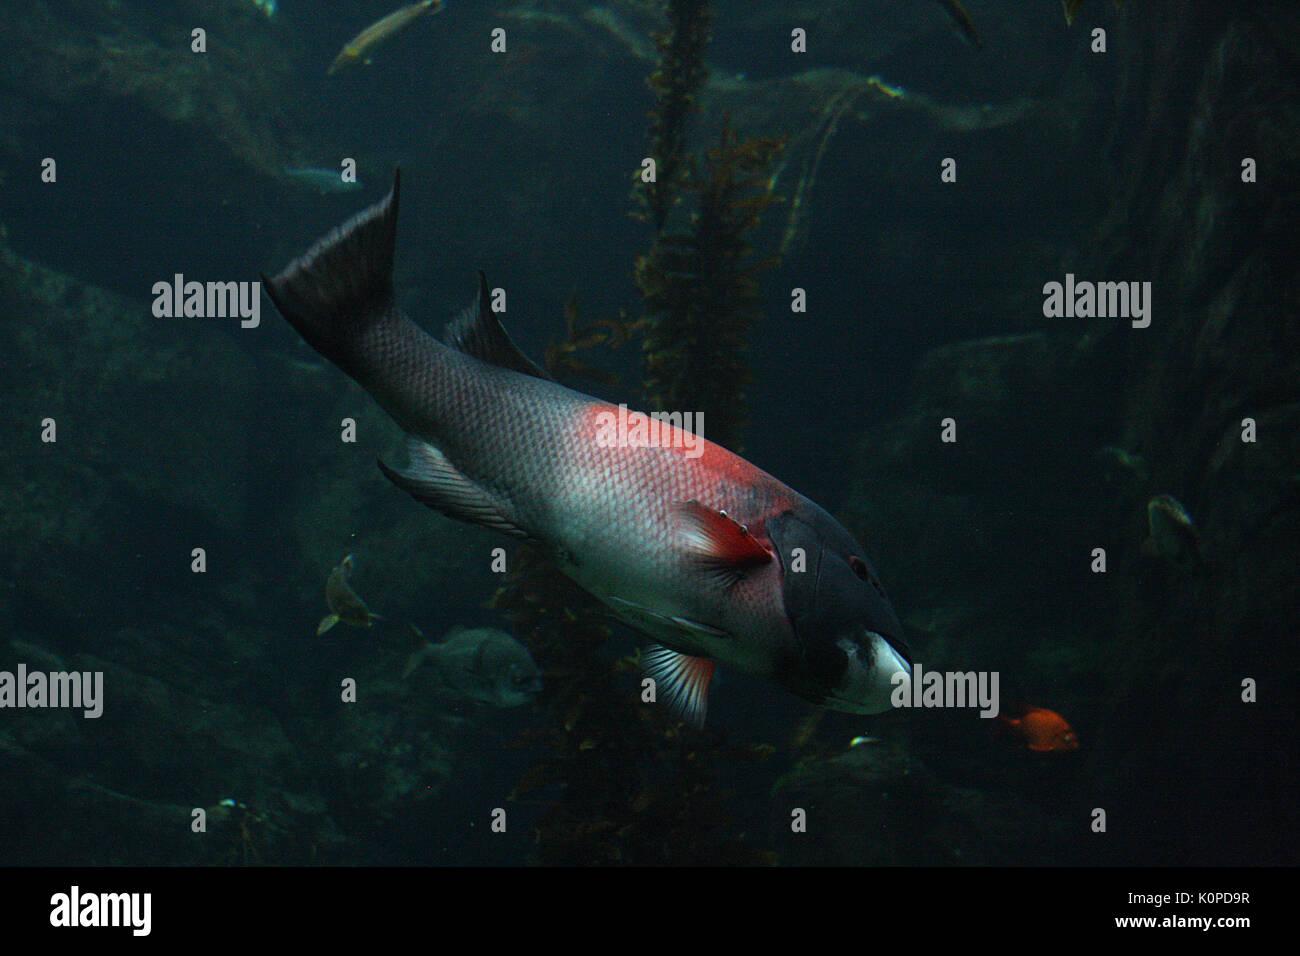 Underwater image of fish swimming - Stock Image